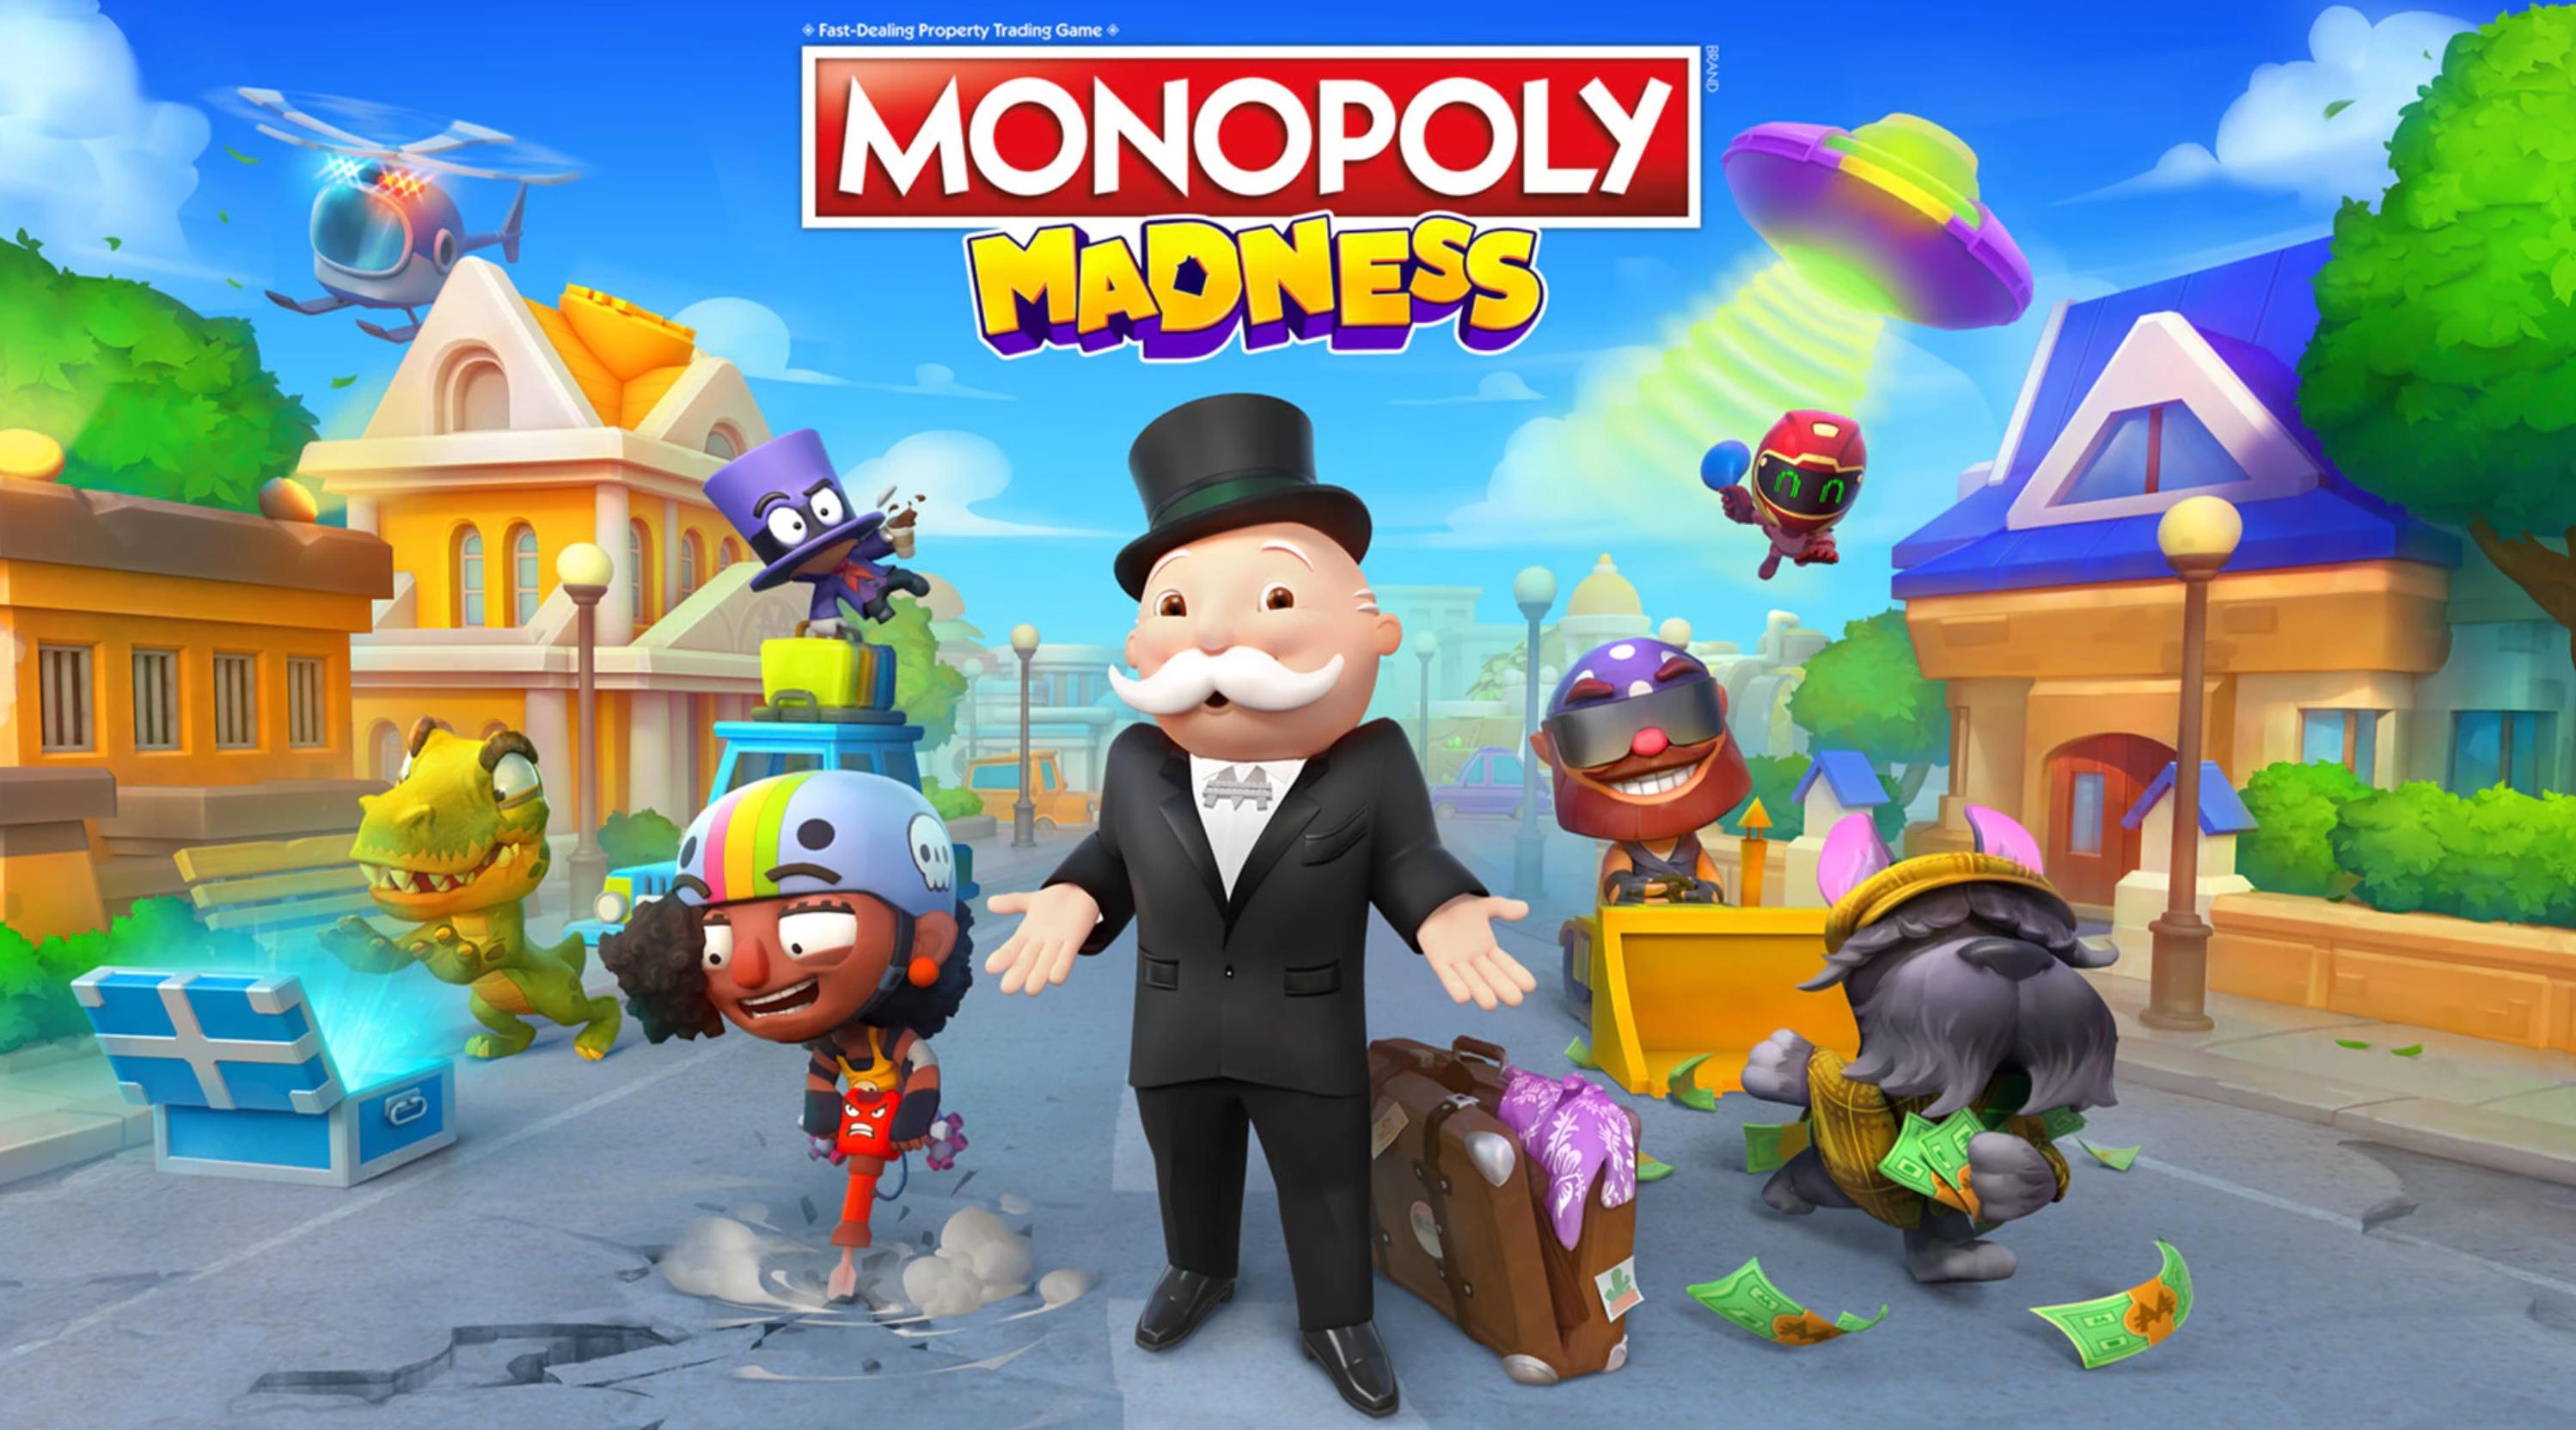 MONOPOLY Madness un videogioco che reinventa il classico MONOPOLY